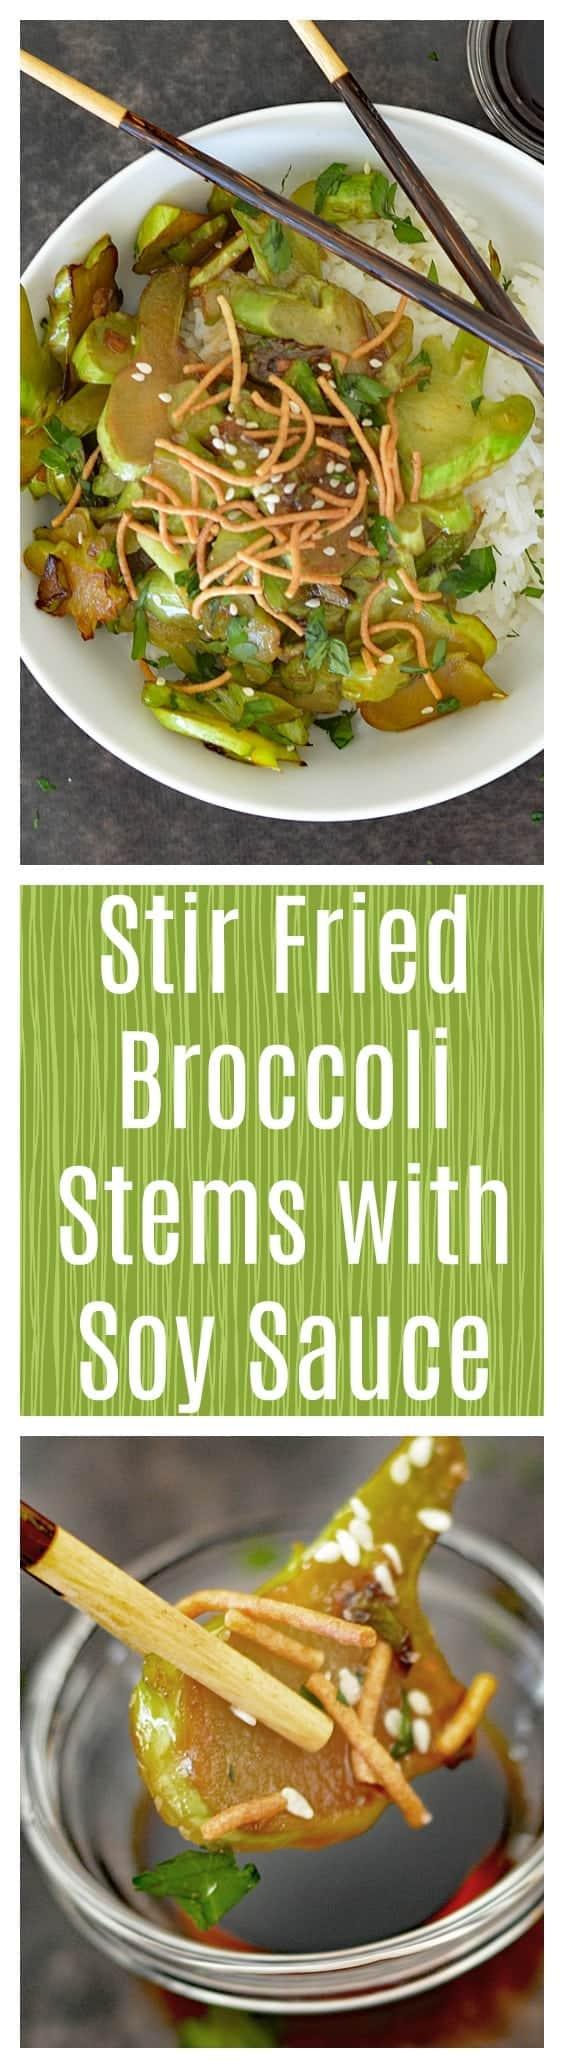 Stir Fried Broccoli Stems